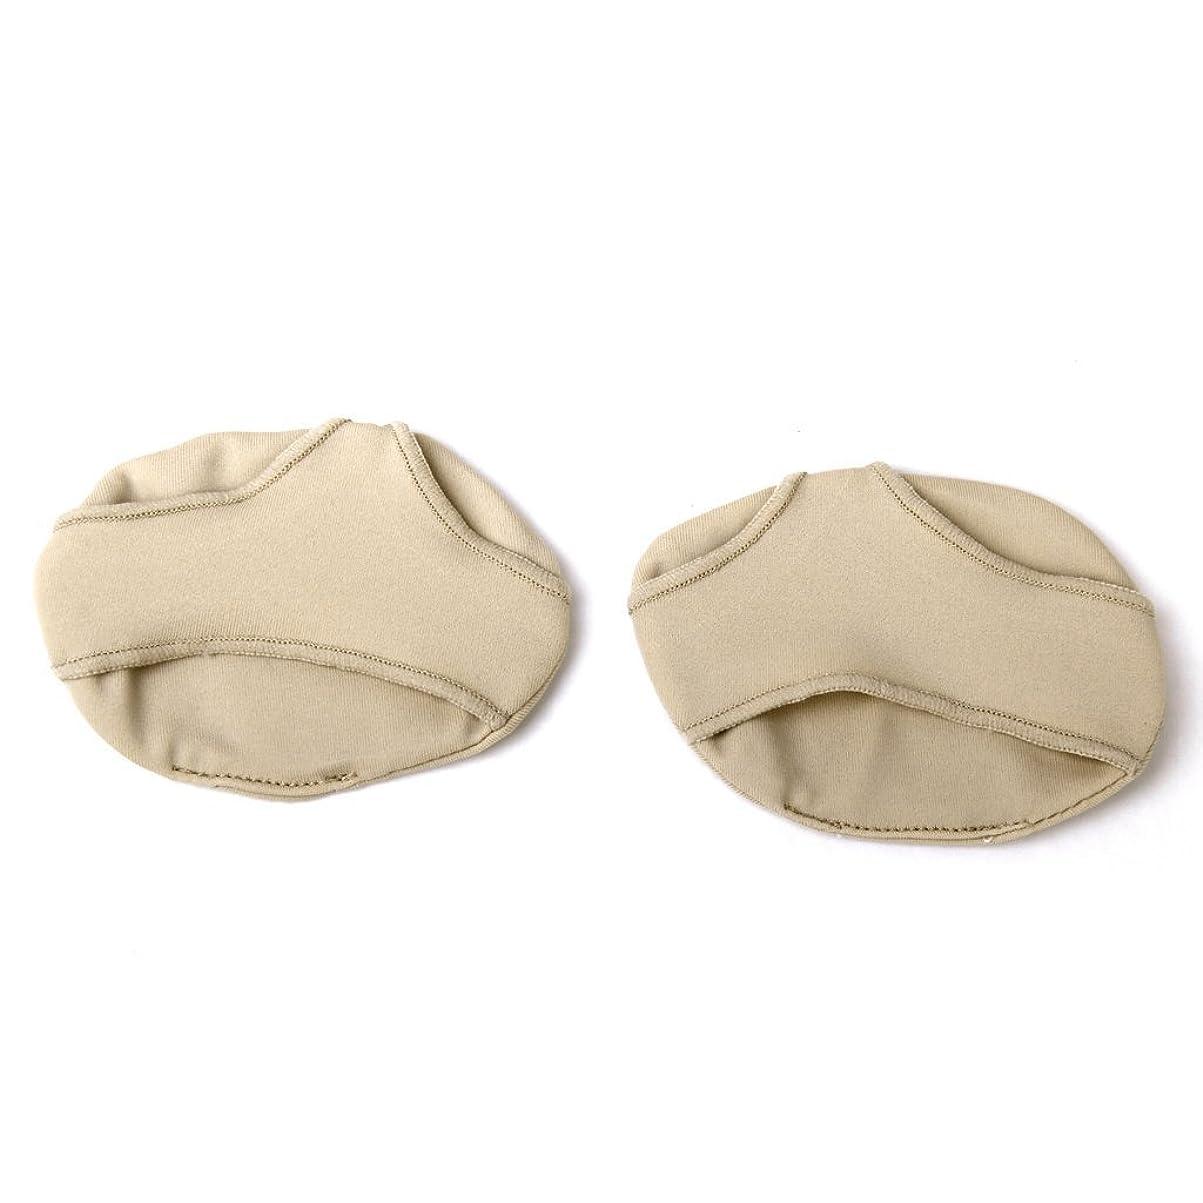 宗教的な無許可モックCUHAWUDBA ペアの低中足パッド クッションブランケット 前足の痛みを和らげるためのストラップ付きインソール Y形